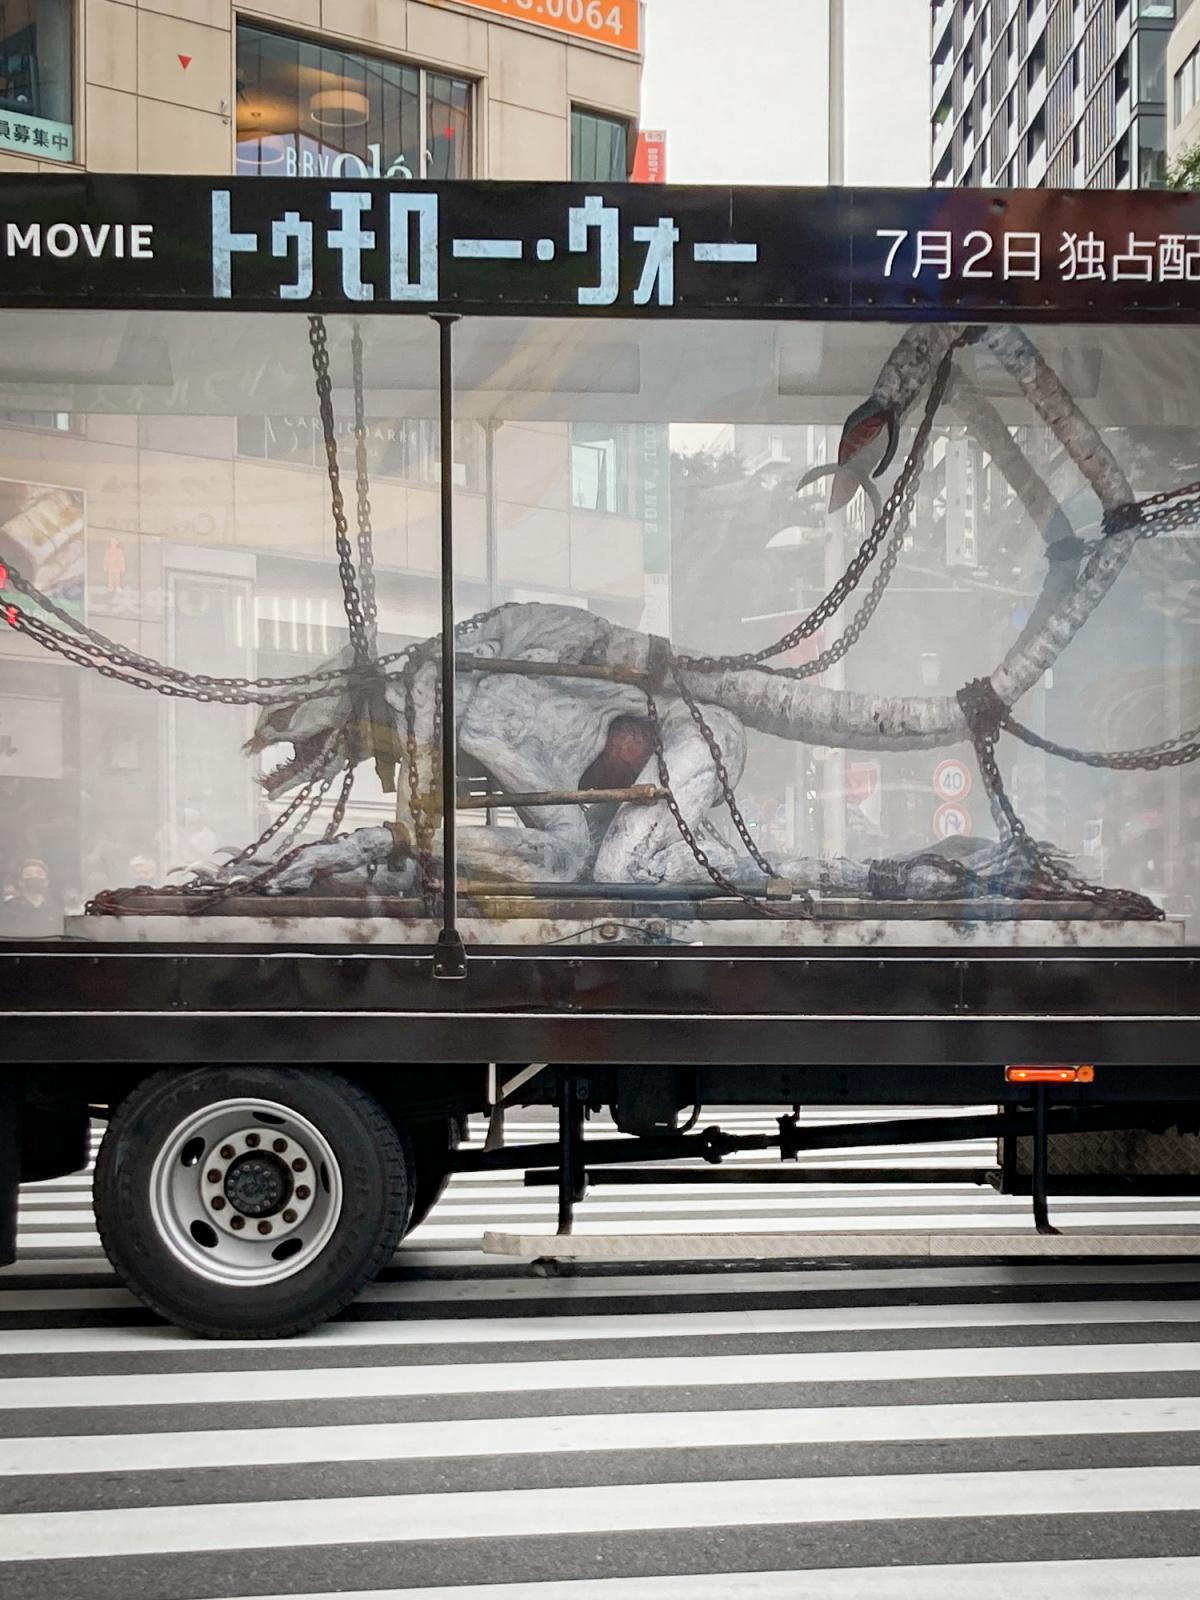 ある日の渋谷。Amazon映画宣伝カーに驚き、ブルーボトルコーヒーの豆自販機を発見する